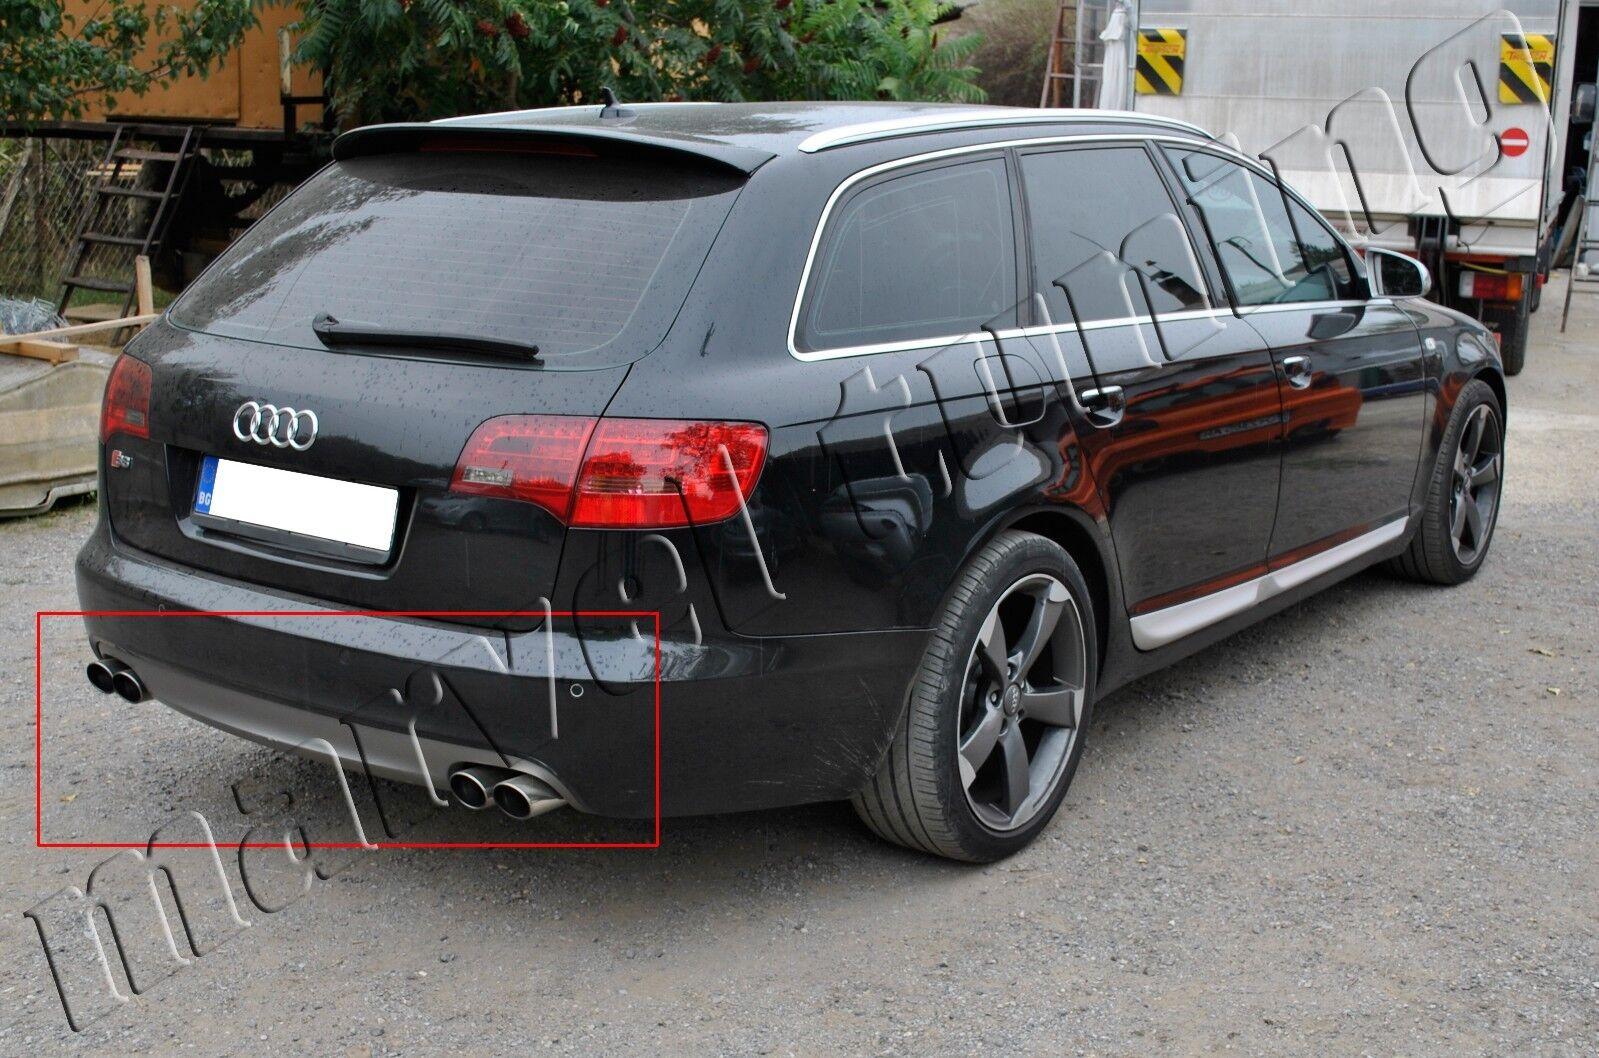 Audi A6 4f C6 04 08 Rear Bumper Diffuser Diffusor Type S6 Avant